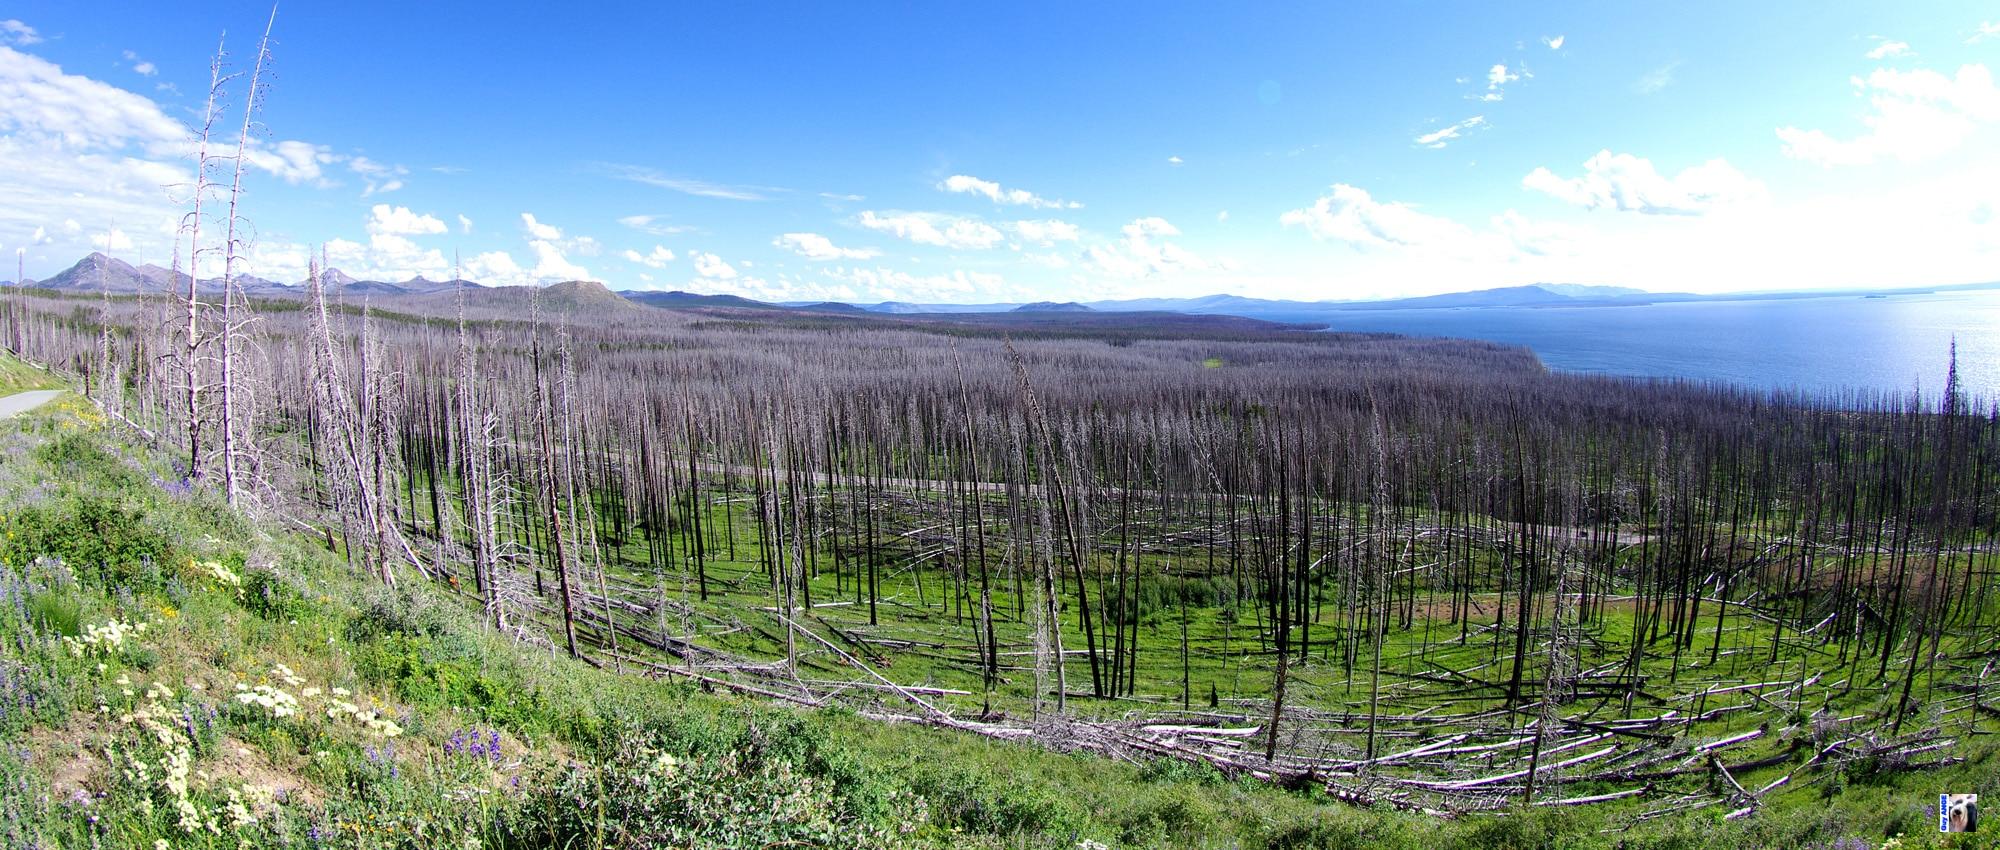 Forêt d'arbres morts après un grand incendie à Yellowstone.